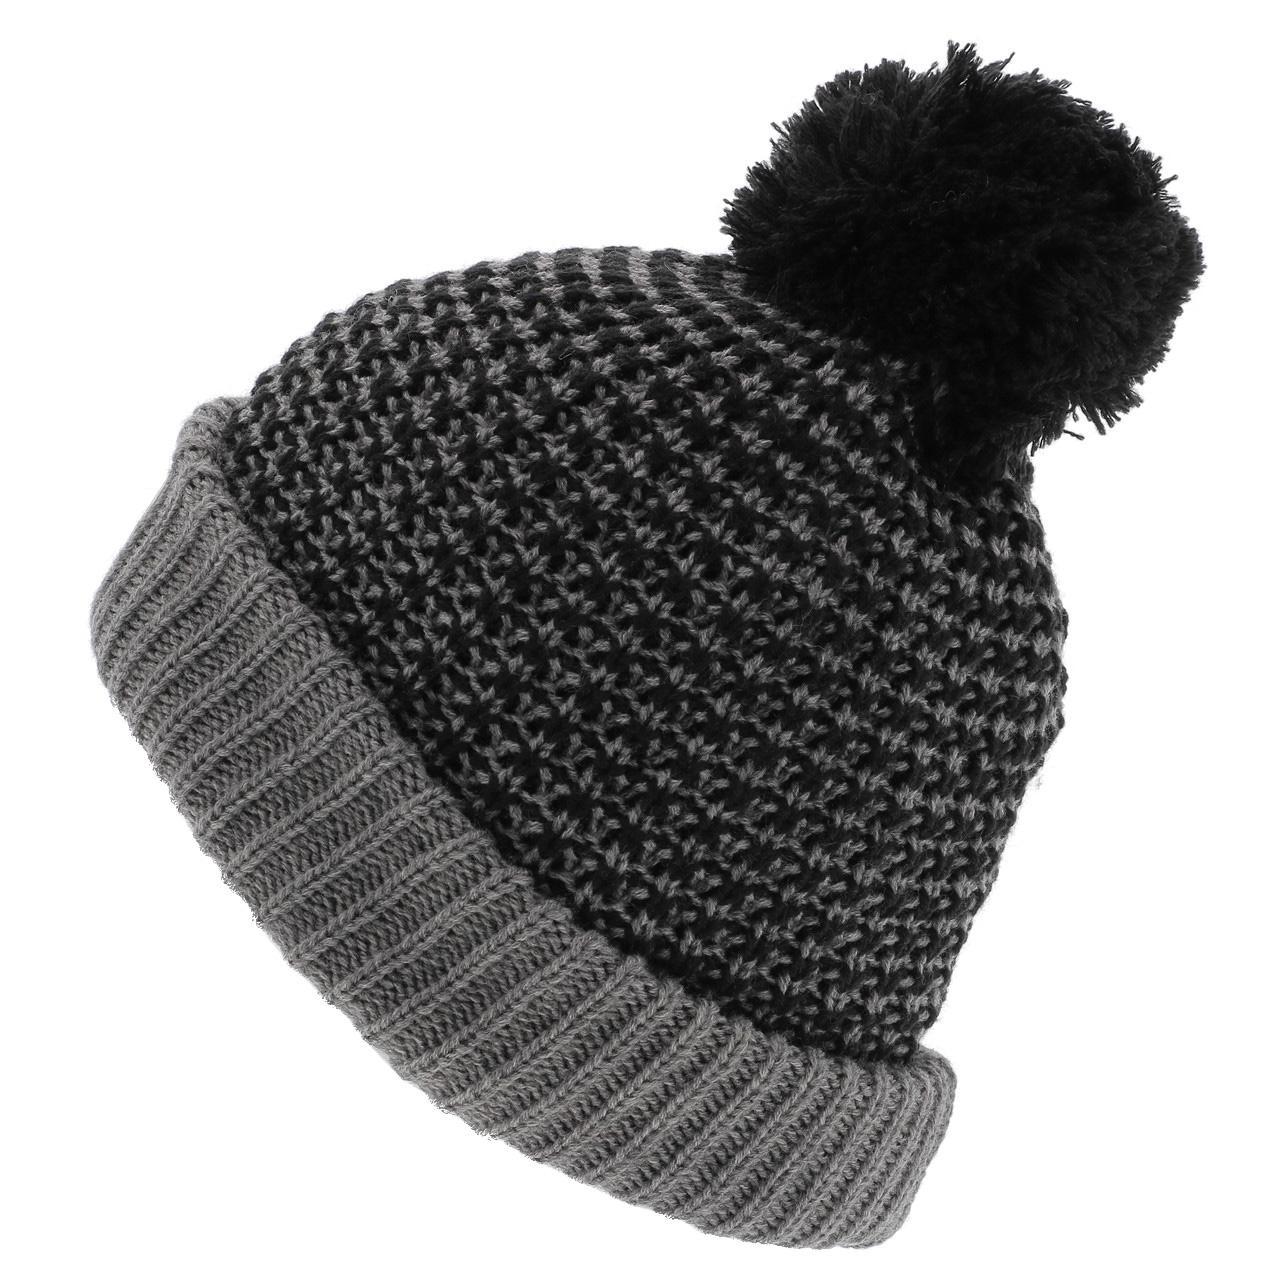 Bonnet-a-pompon-Picture-Ale-beanie-grey-Gris-14177-Neuf miniature 2